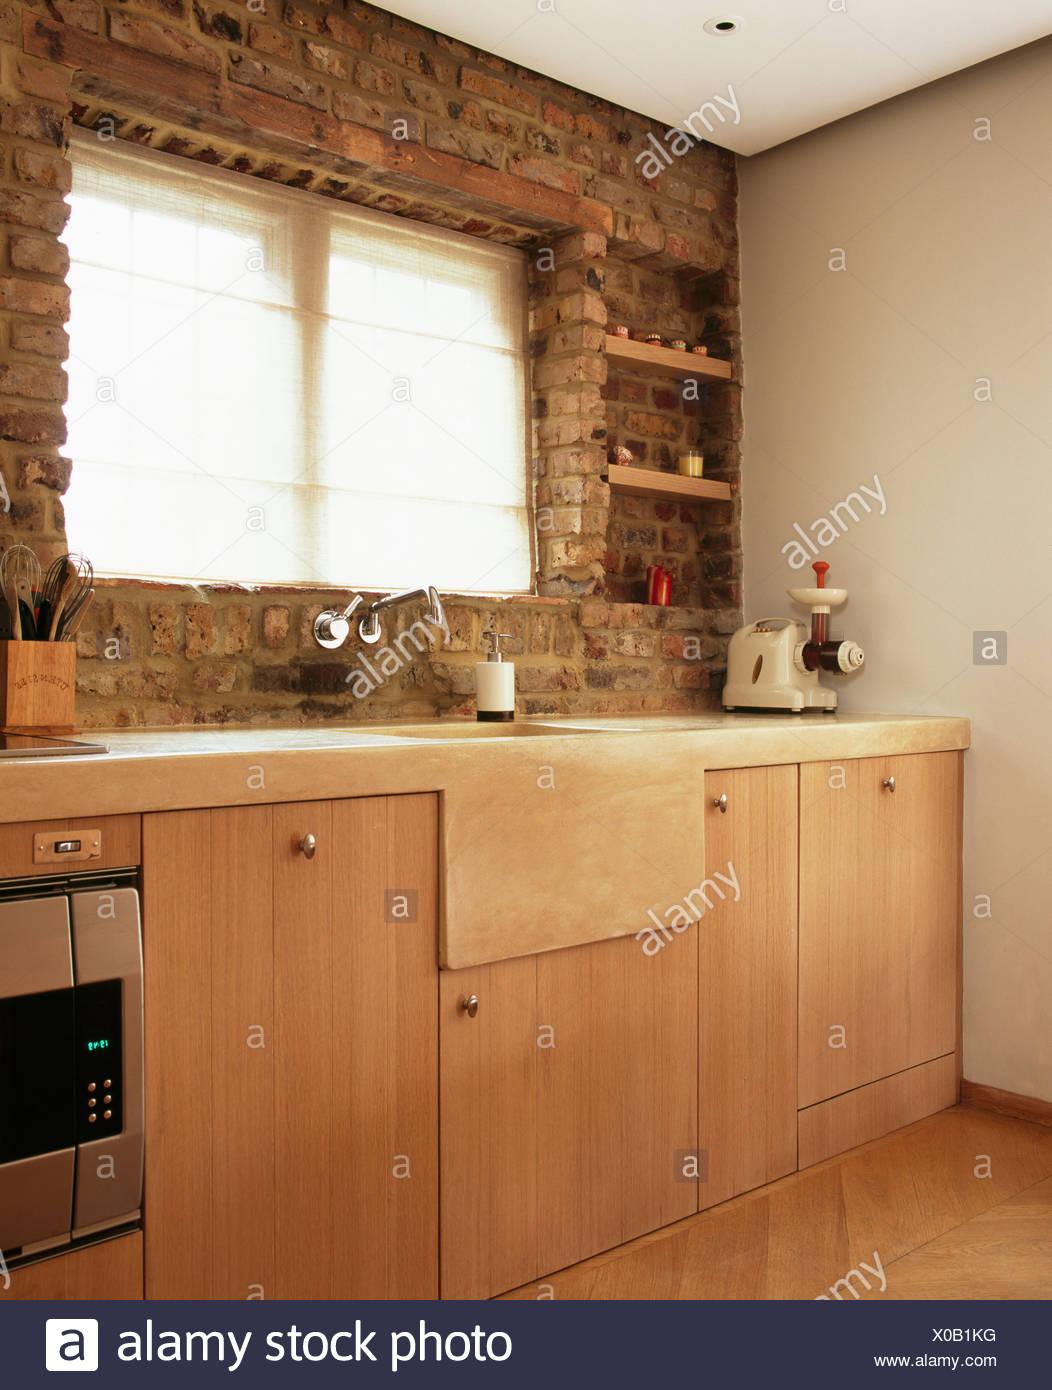 https www alamyimages fr dans la fenetre ci dessous evier en pierre mur en briques apparentes dans les pays modernes avec cuisine en bois clair sont equipees d unites image275608692 html